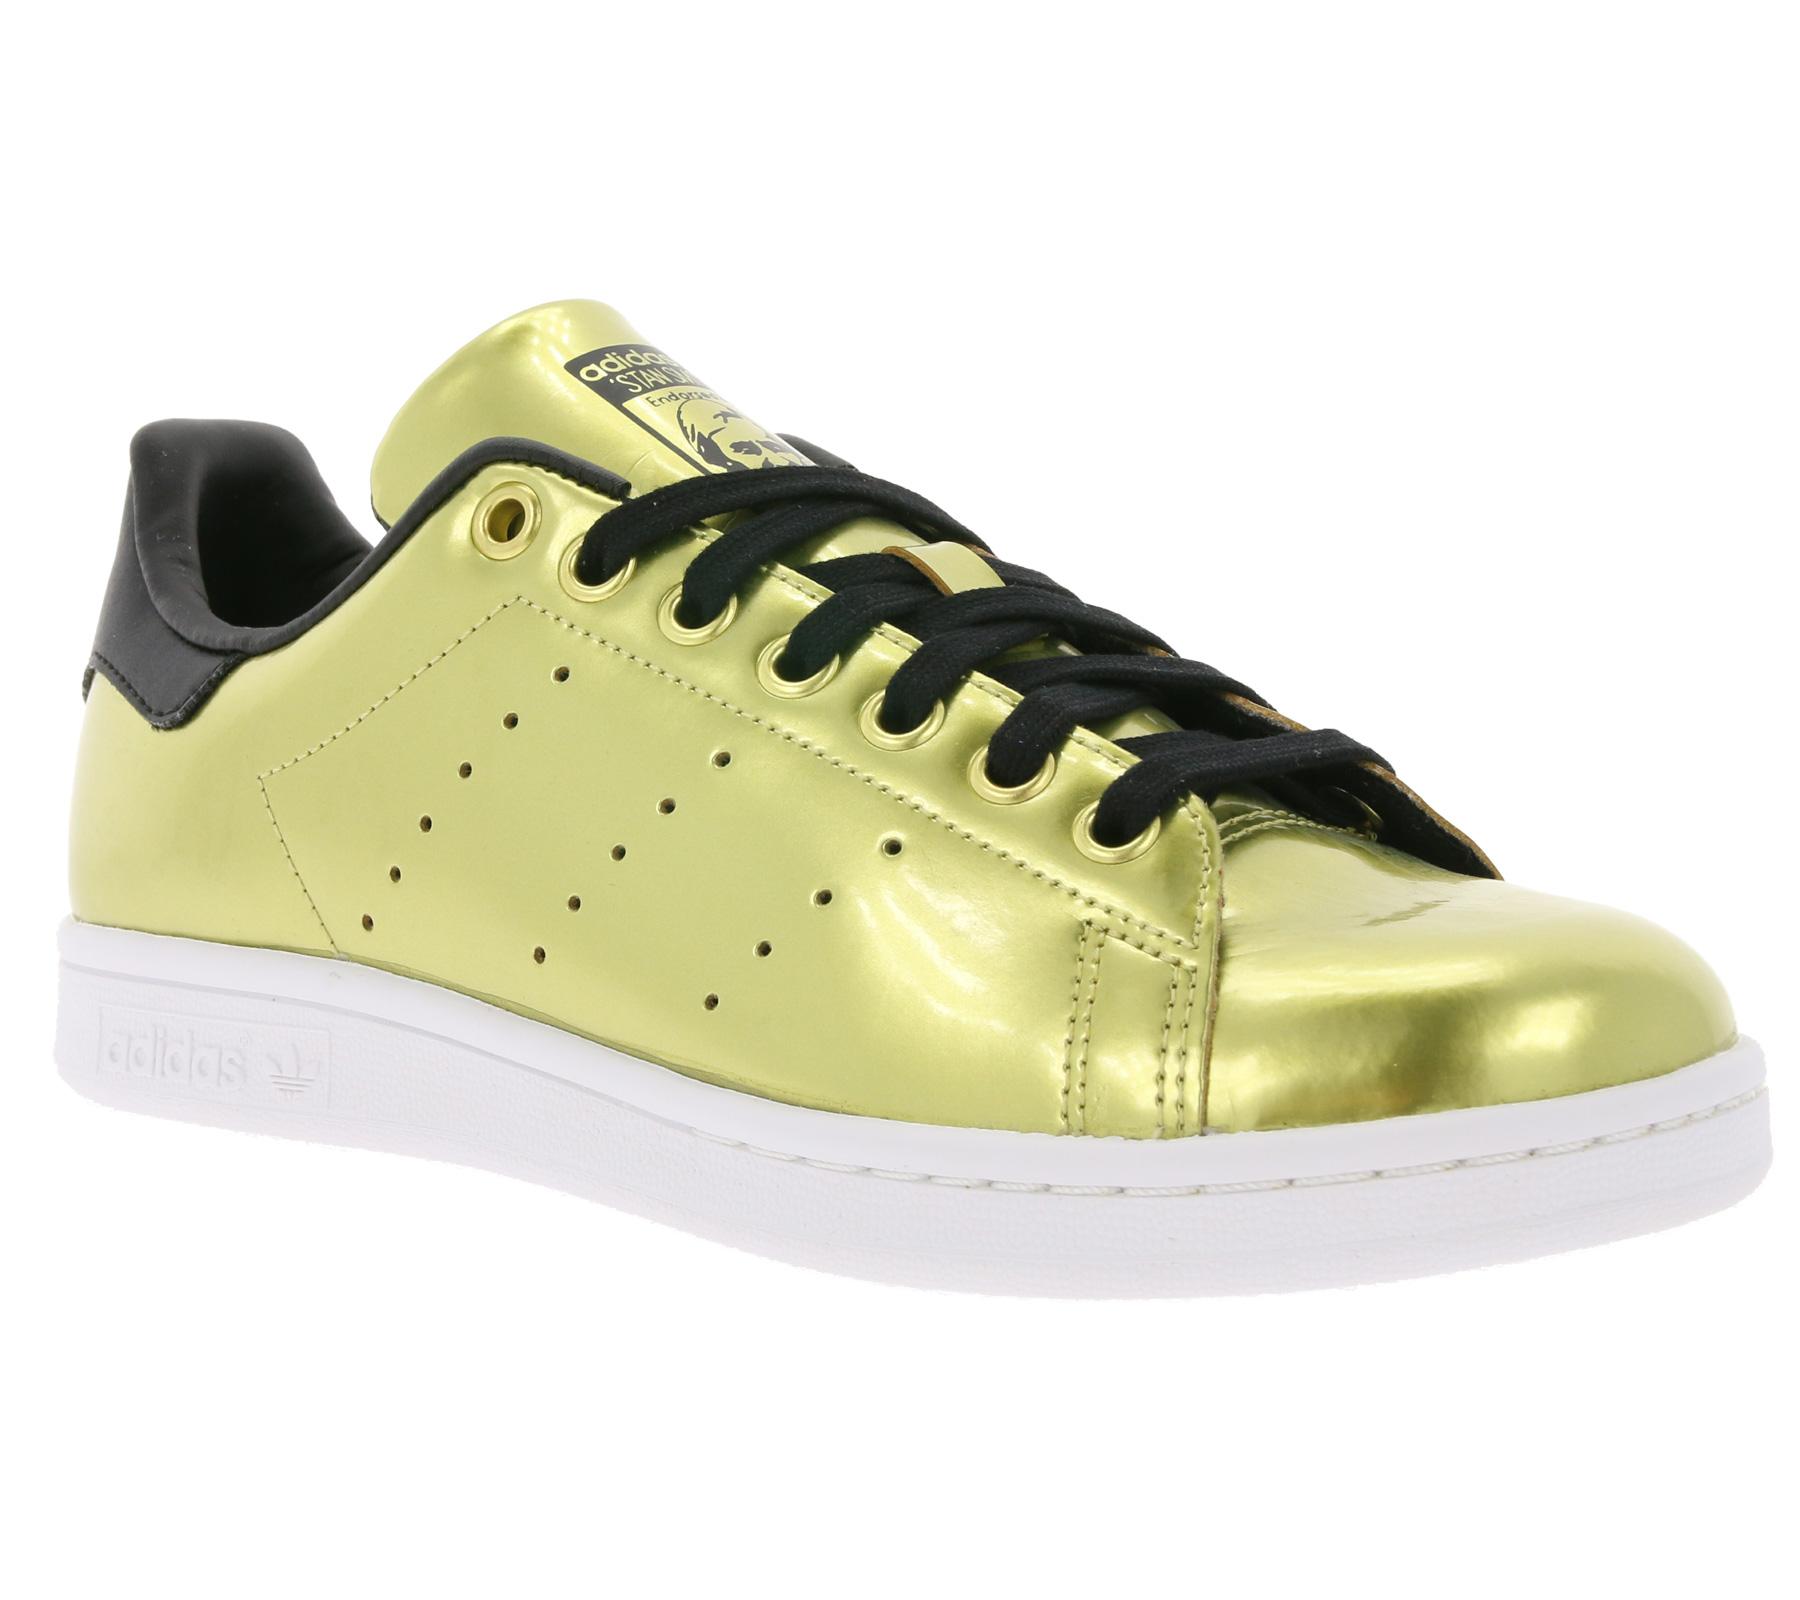 huge discount 4a55a a51b0 Details zu adidas Originals Damen-Schuhe Gold glänzende Damen-Sneaker Stan  Smith Turnschuhe